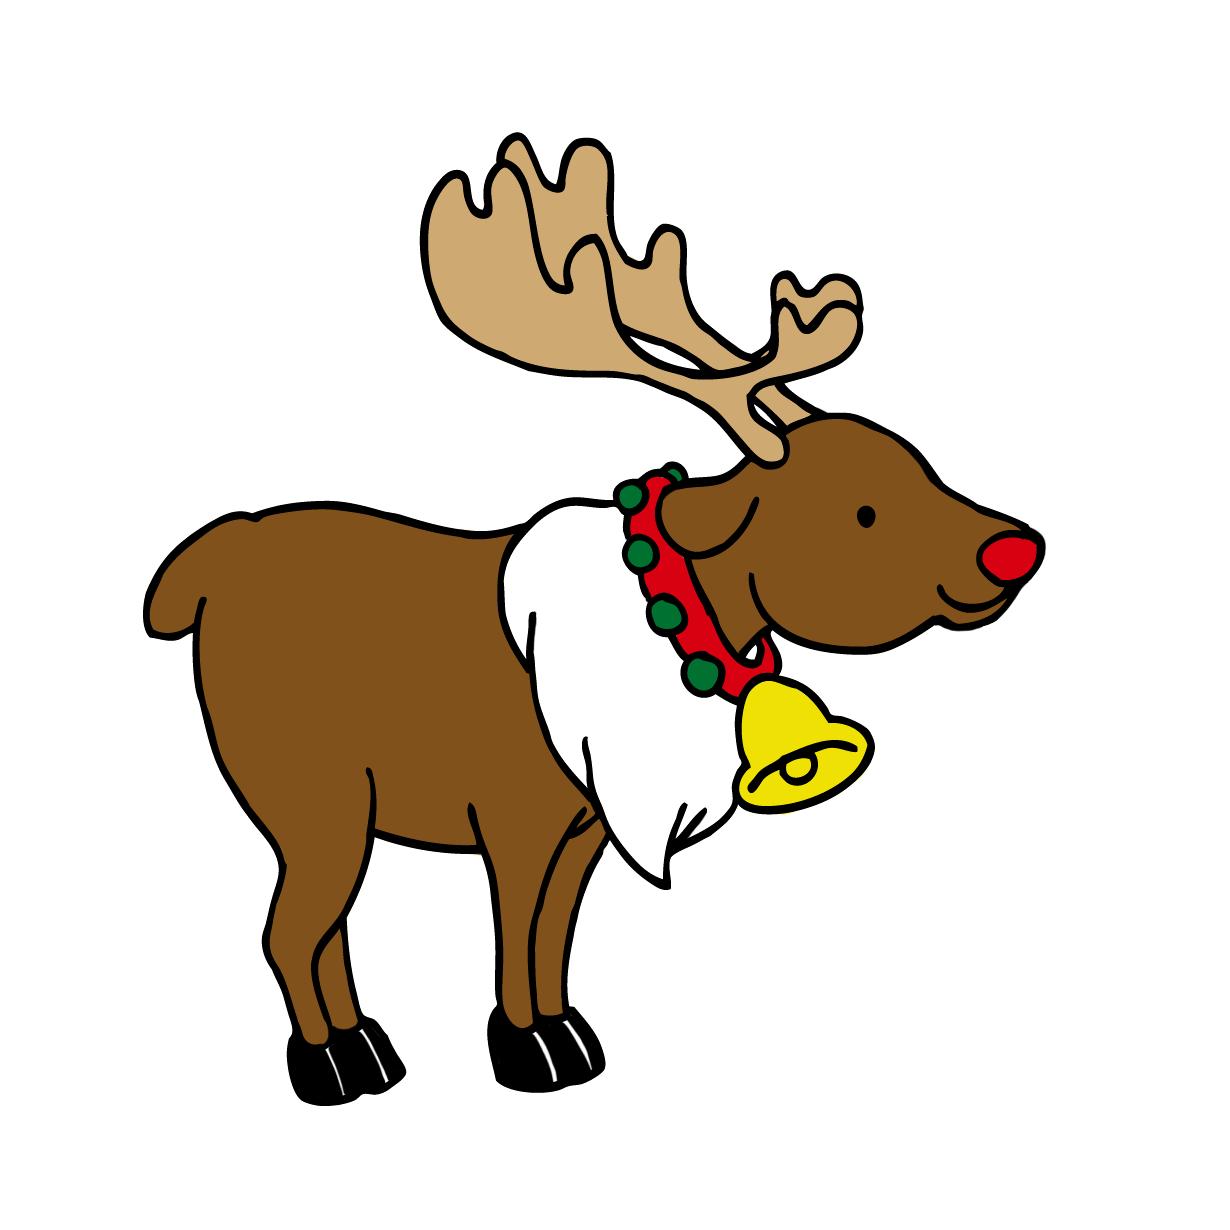 クリスマスの可愛いトナカイ動物イラスト 無料イラスト配布サイトマンガトップ